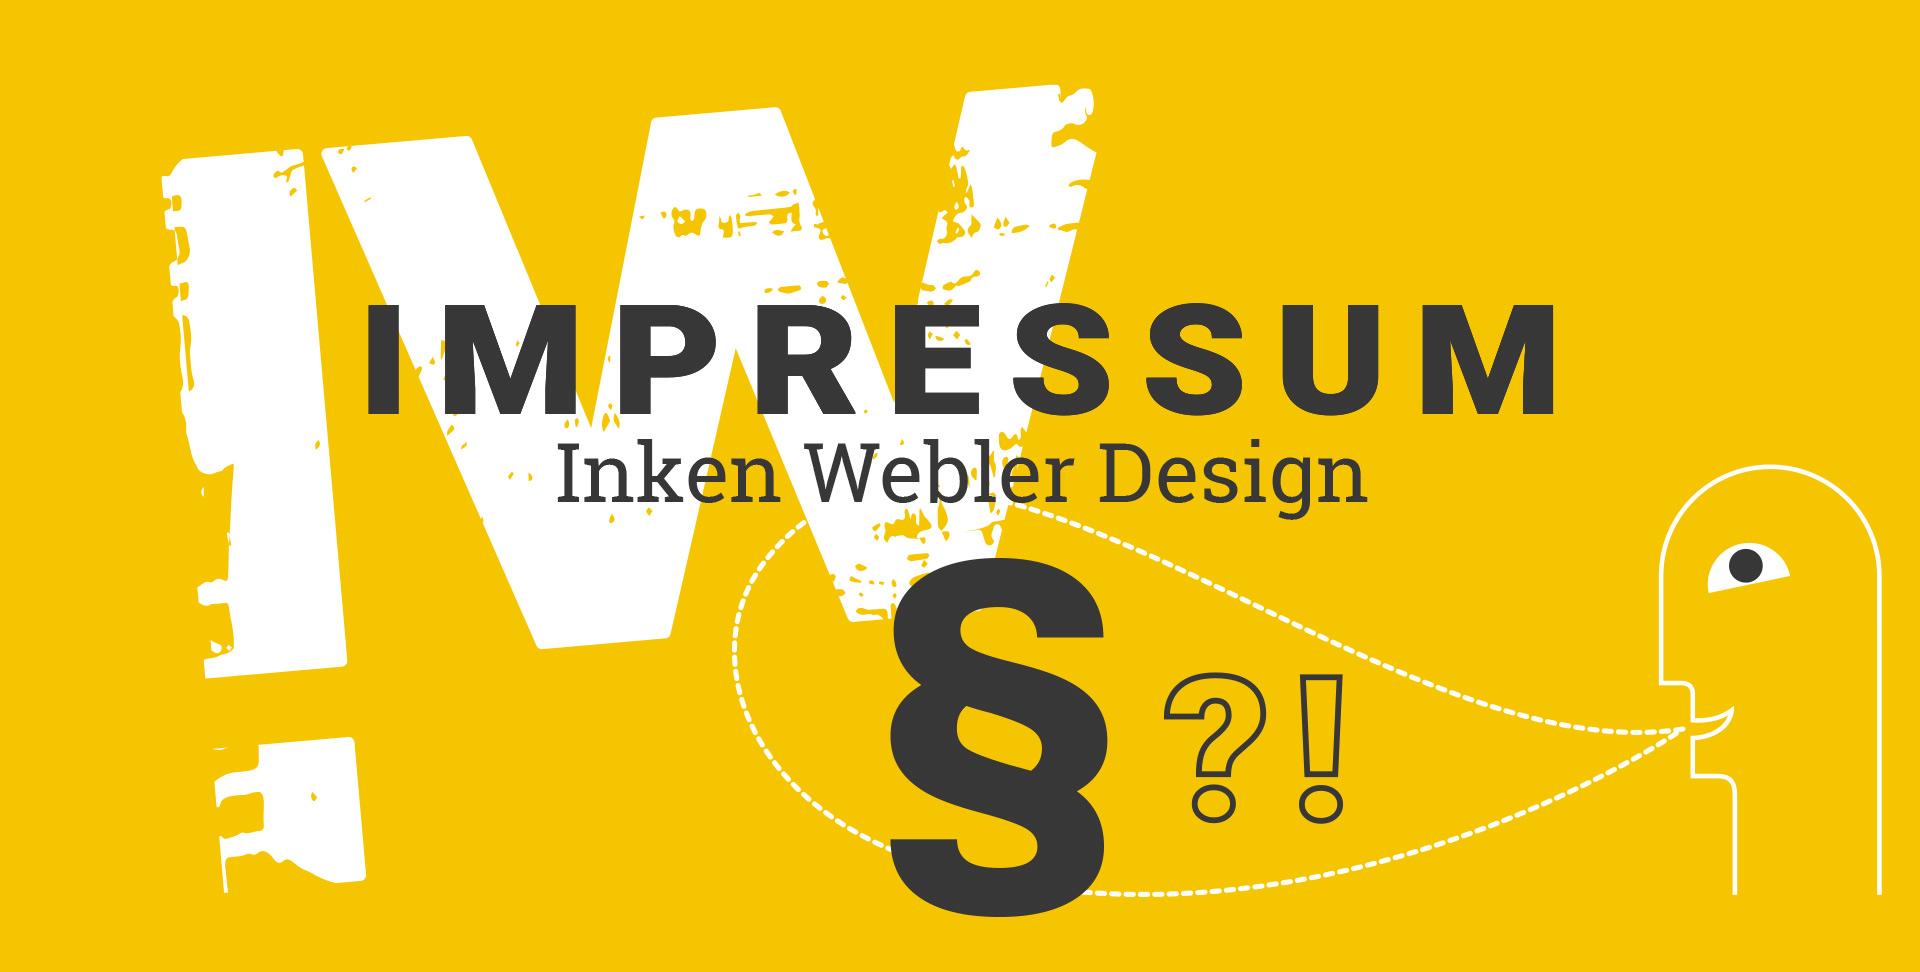 Schriftzug Impressum Inken Webler Design , darunter Illustration mit Männchen und Sprechblase, in der ein Paragraphenzeichen, ein Fragezeichen und ein Ausrufezeichen zu sehen ist